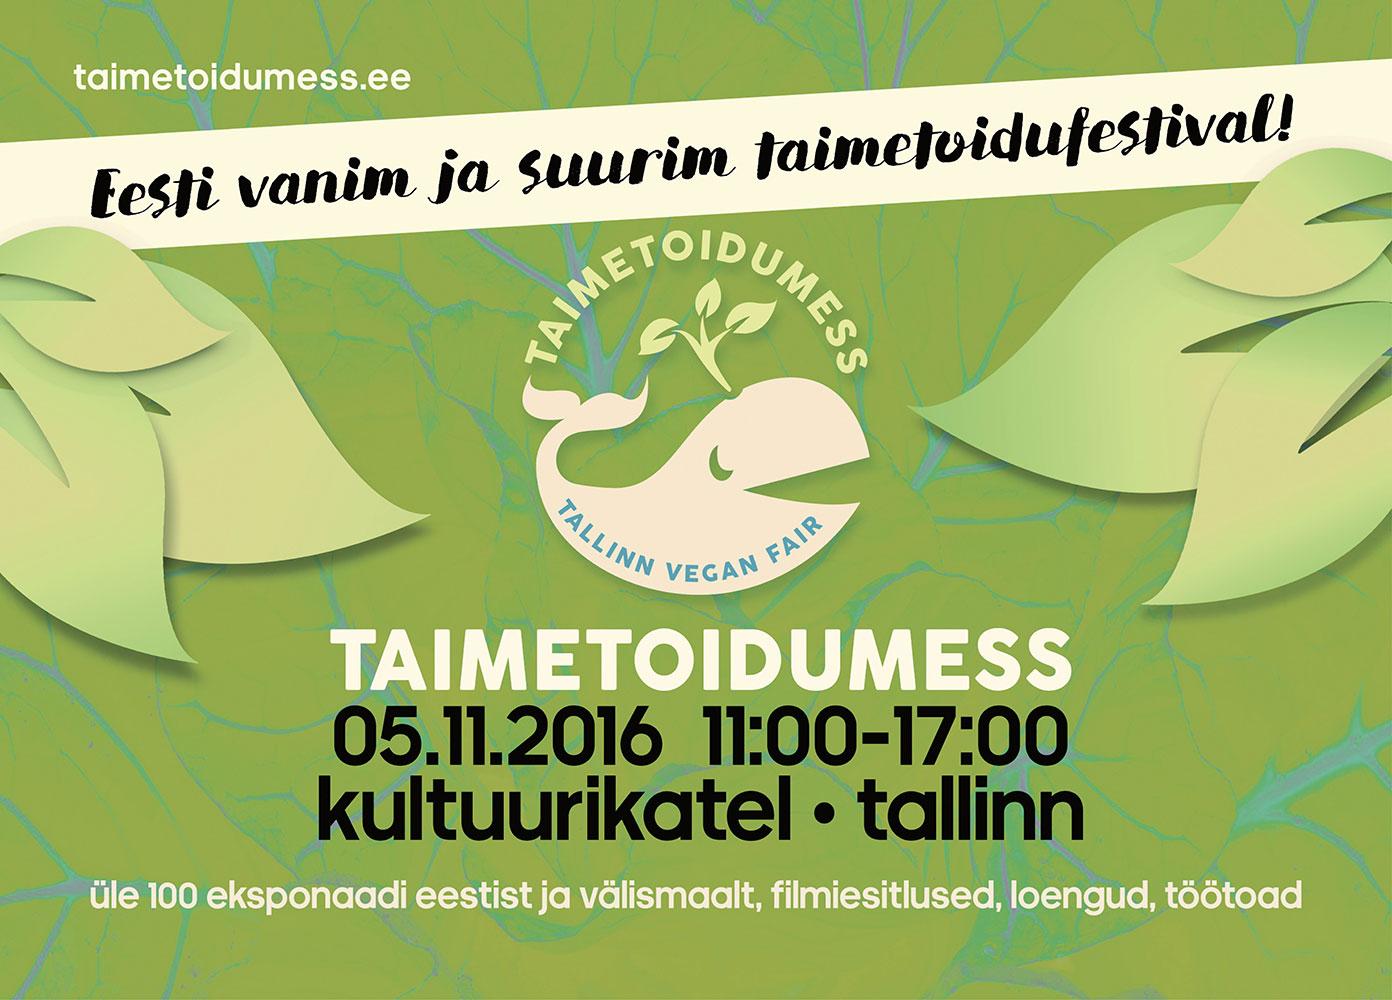 taimetoidumess_2016